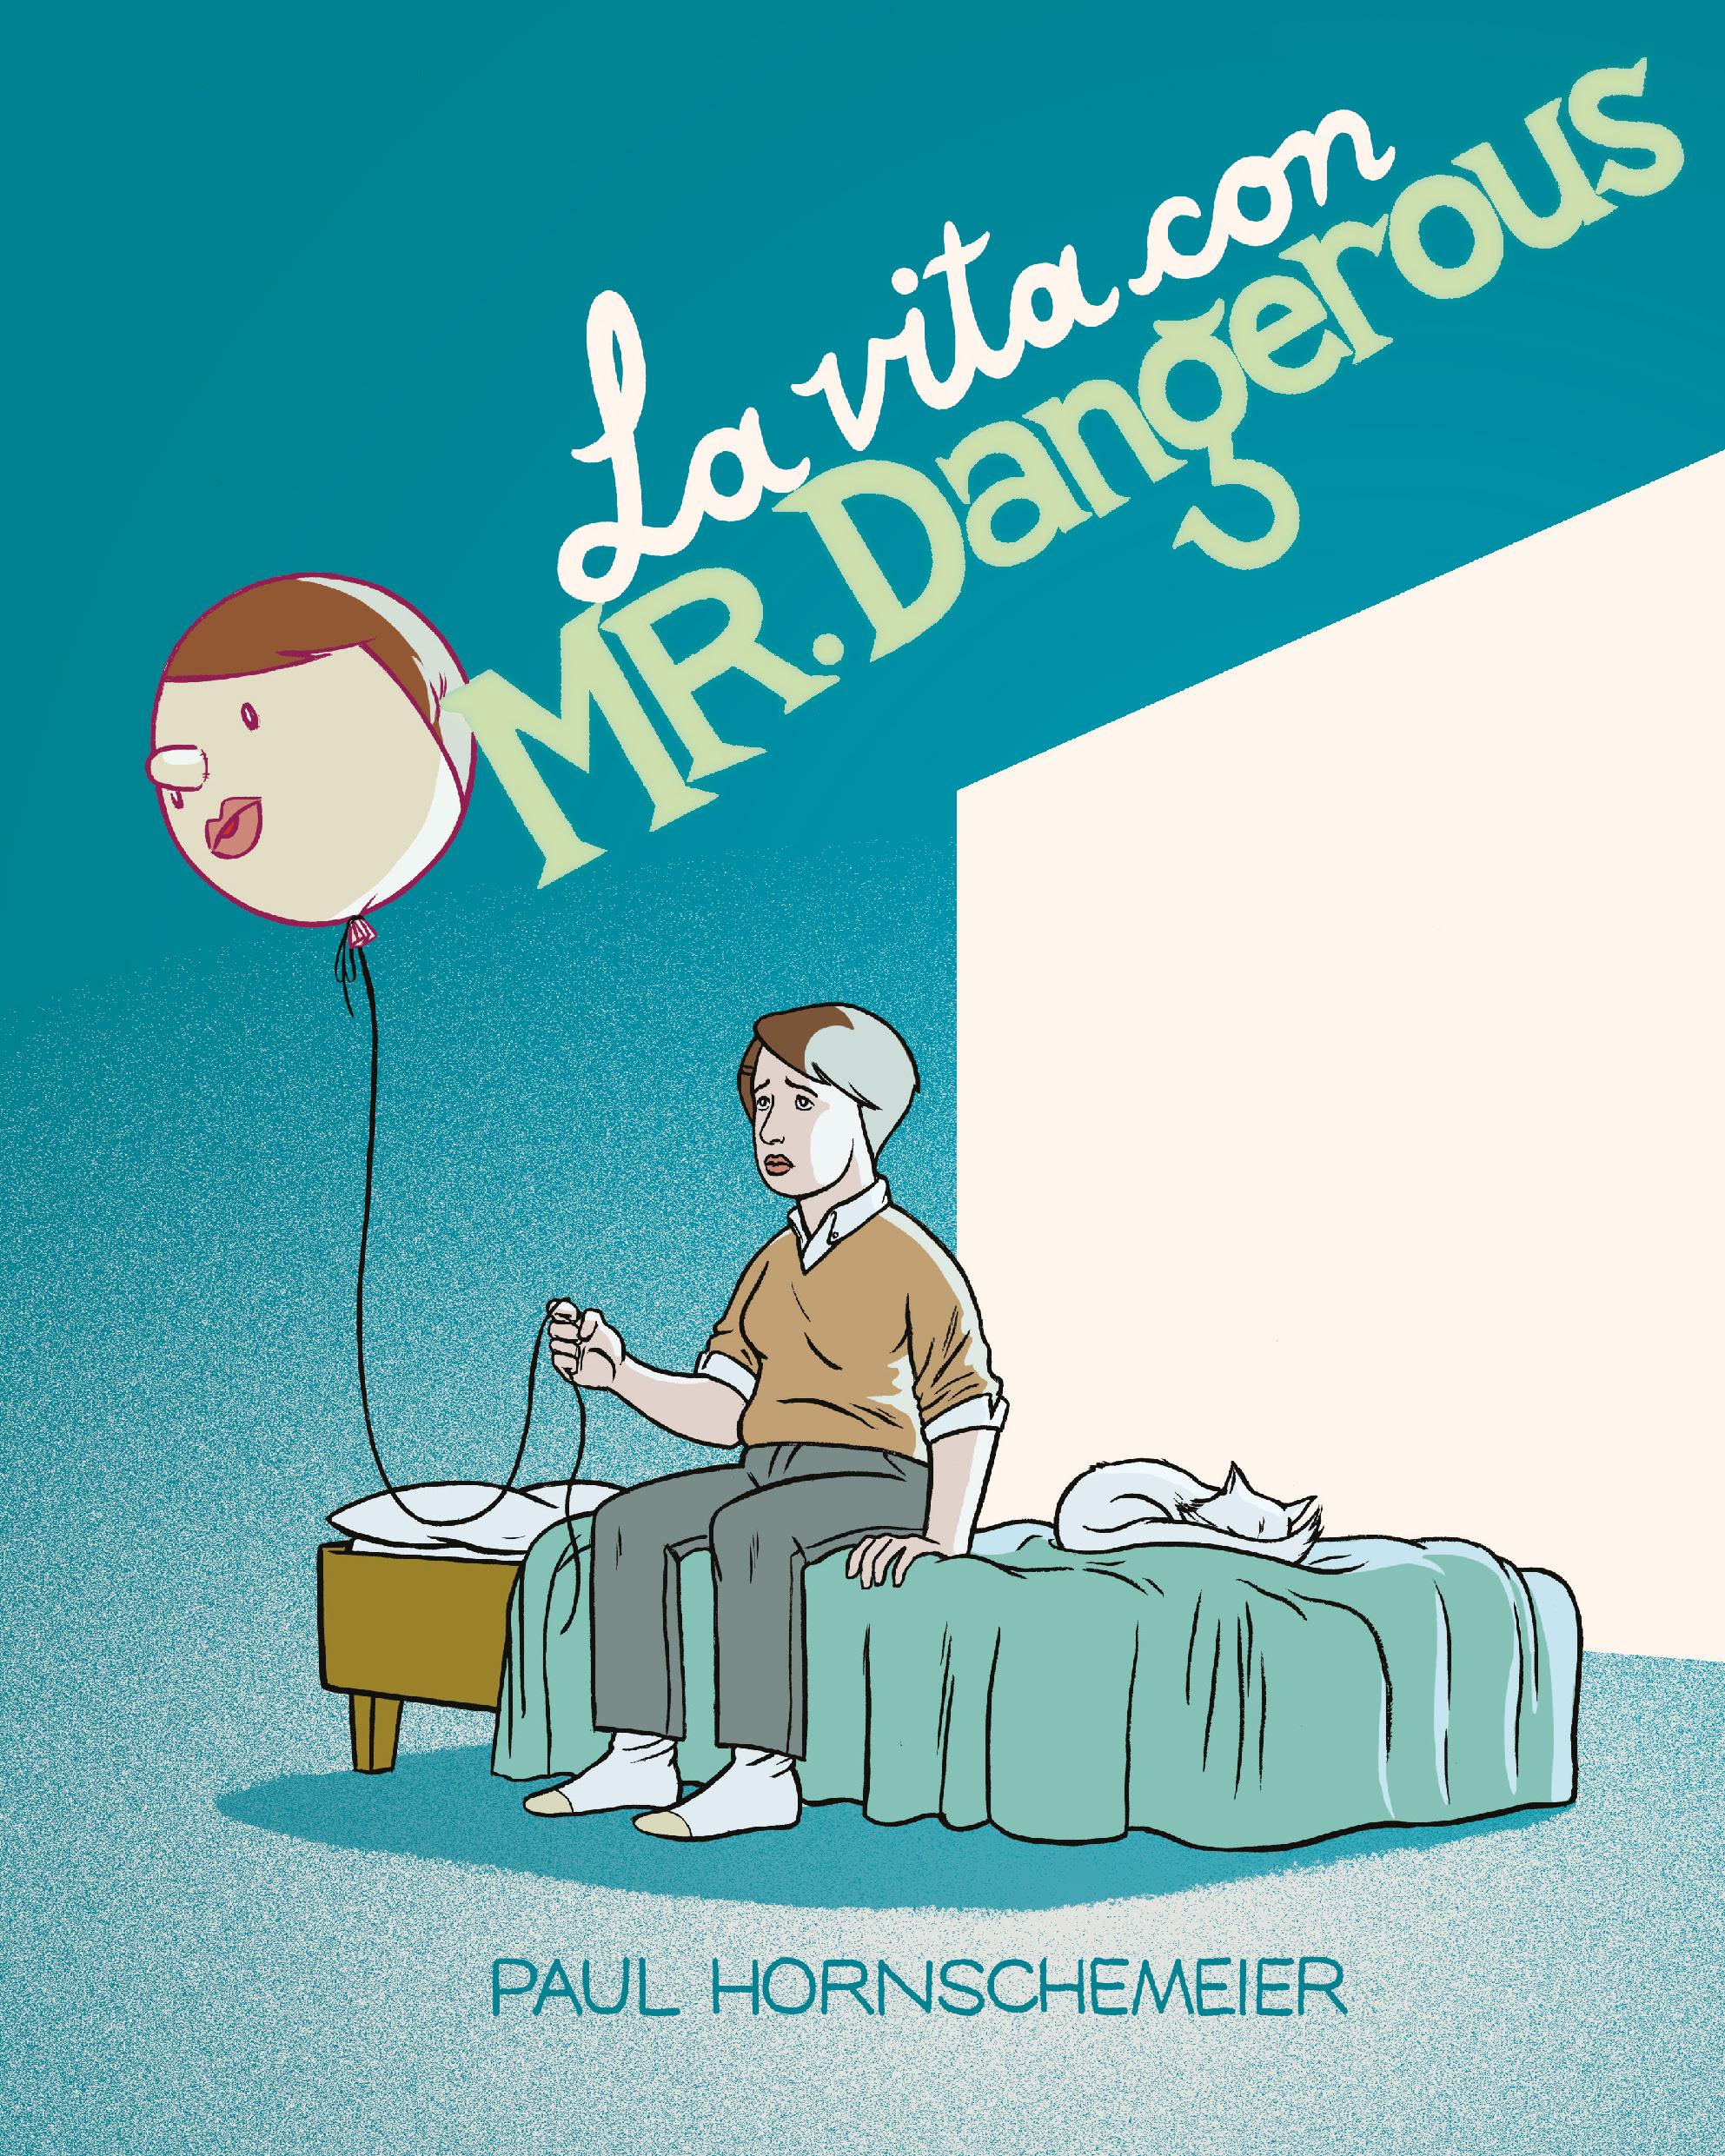 La vita con Mr. Dangerous - Paul Hornschemeier